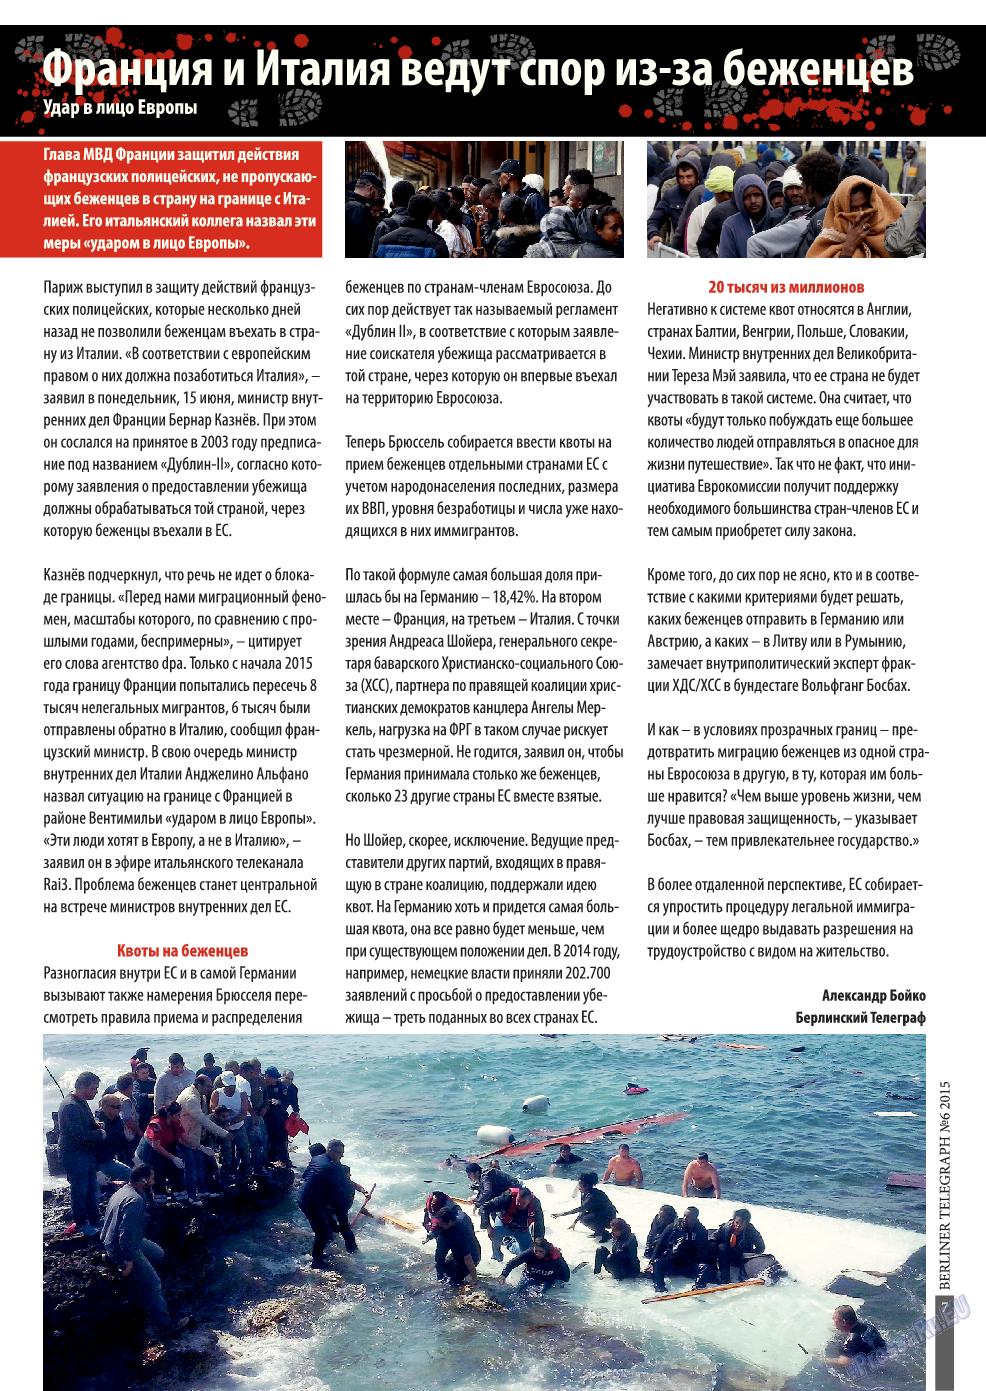 Берлинский телеграф (журнал). 2015 год, номер 6, стр. 7